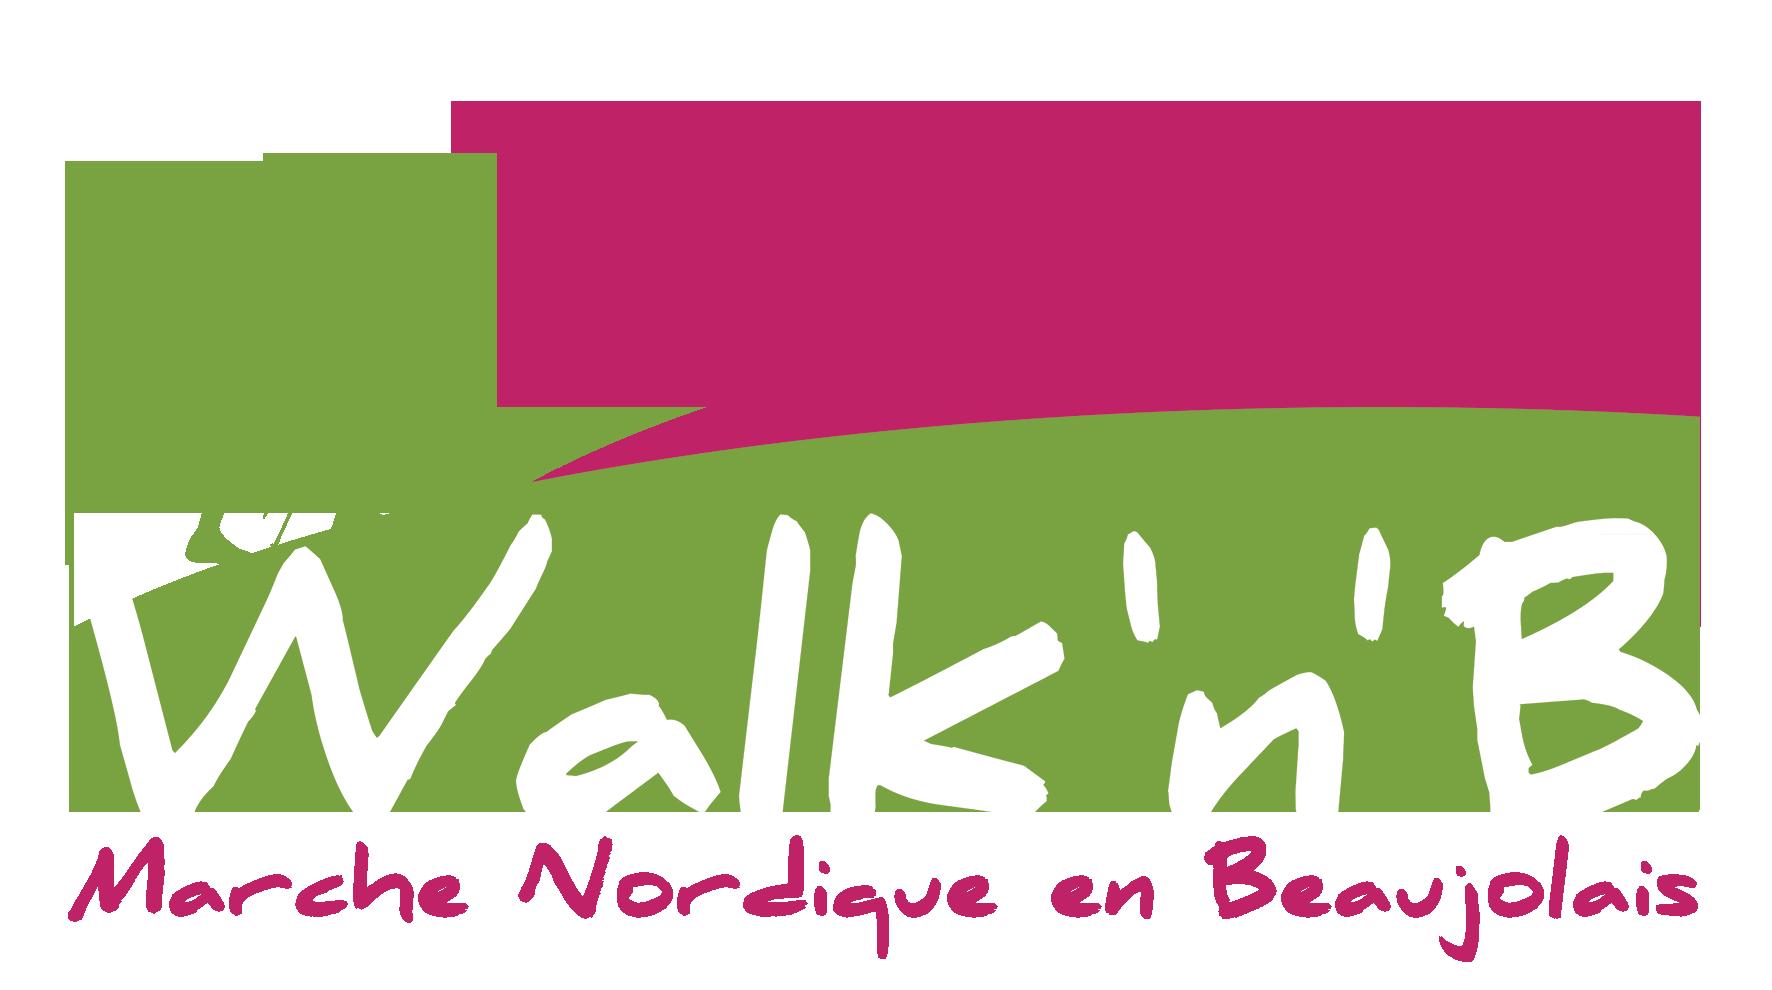 Calendrier Marche Nordique 2020.Walk N B Marche Nordique En Beaujolais 22 Et 23 Juin 2019